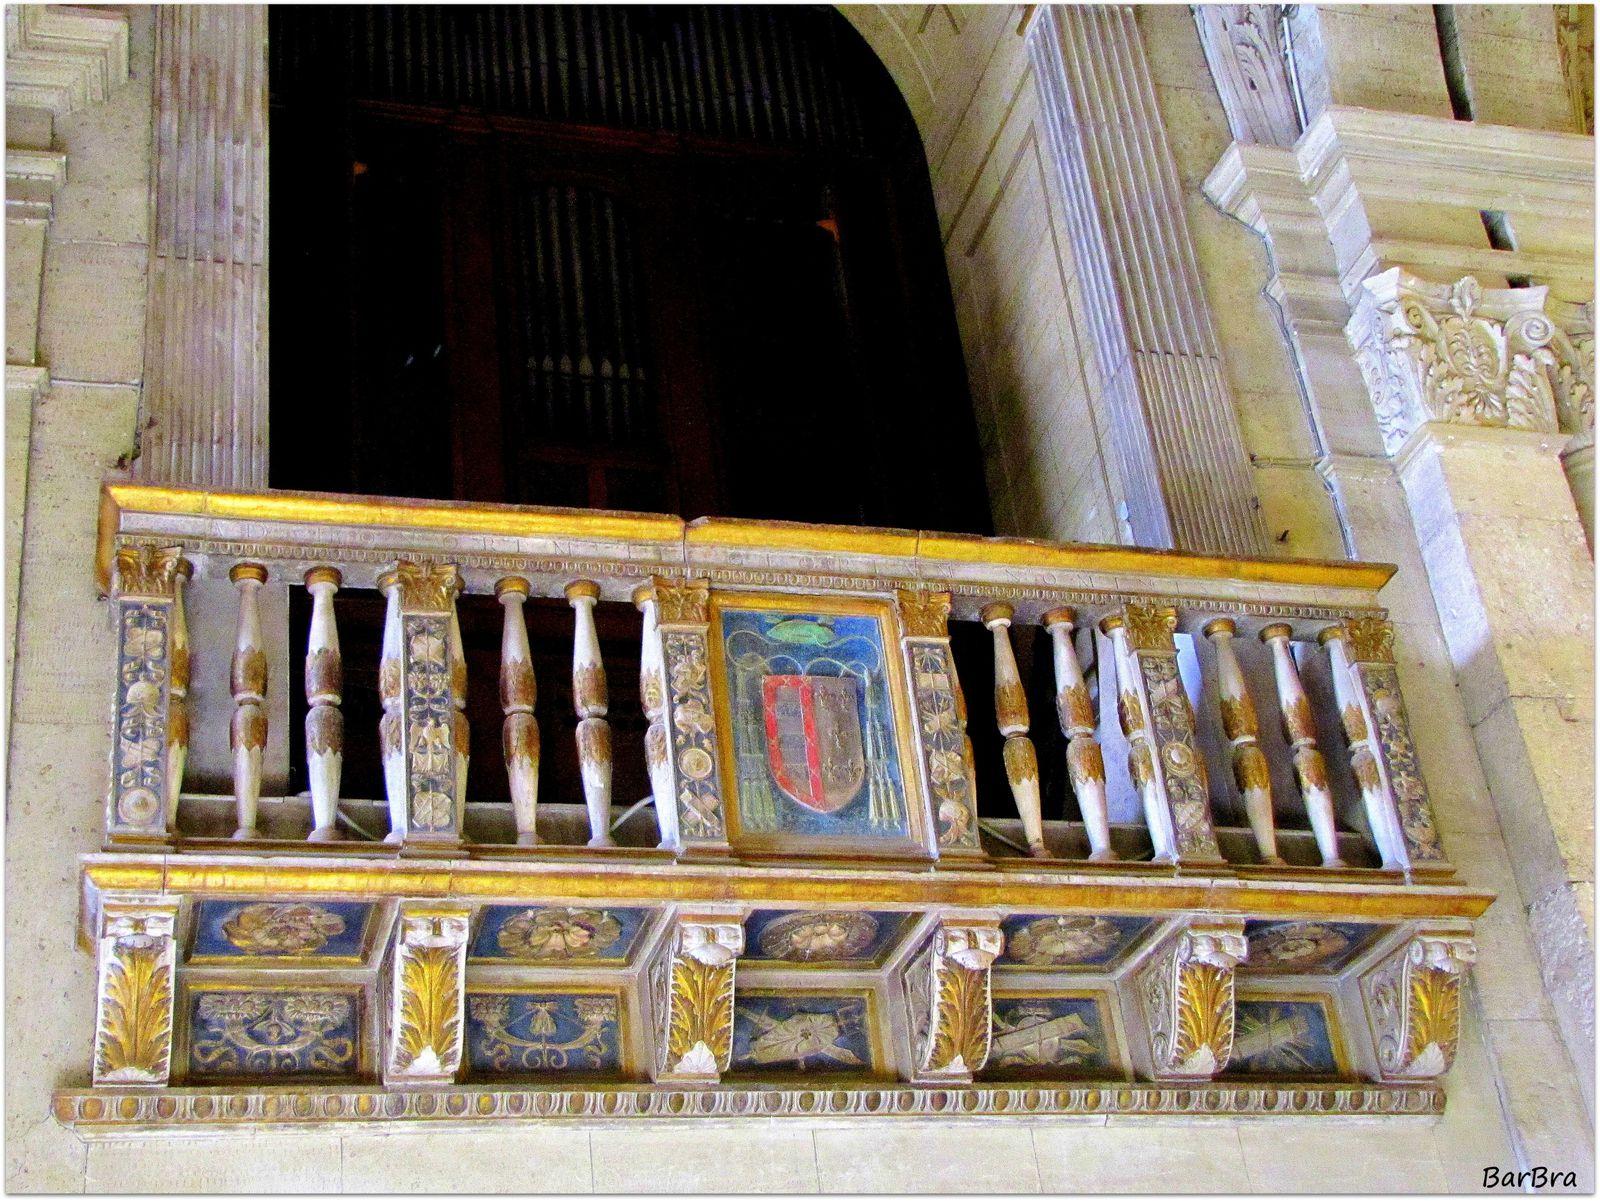 ... qui, nella terza campata a destra dell'altare, si può ammirare la sua bellissima cantoria ... gioiello rinascimentale